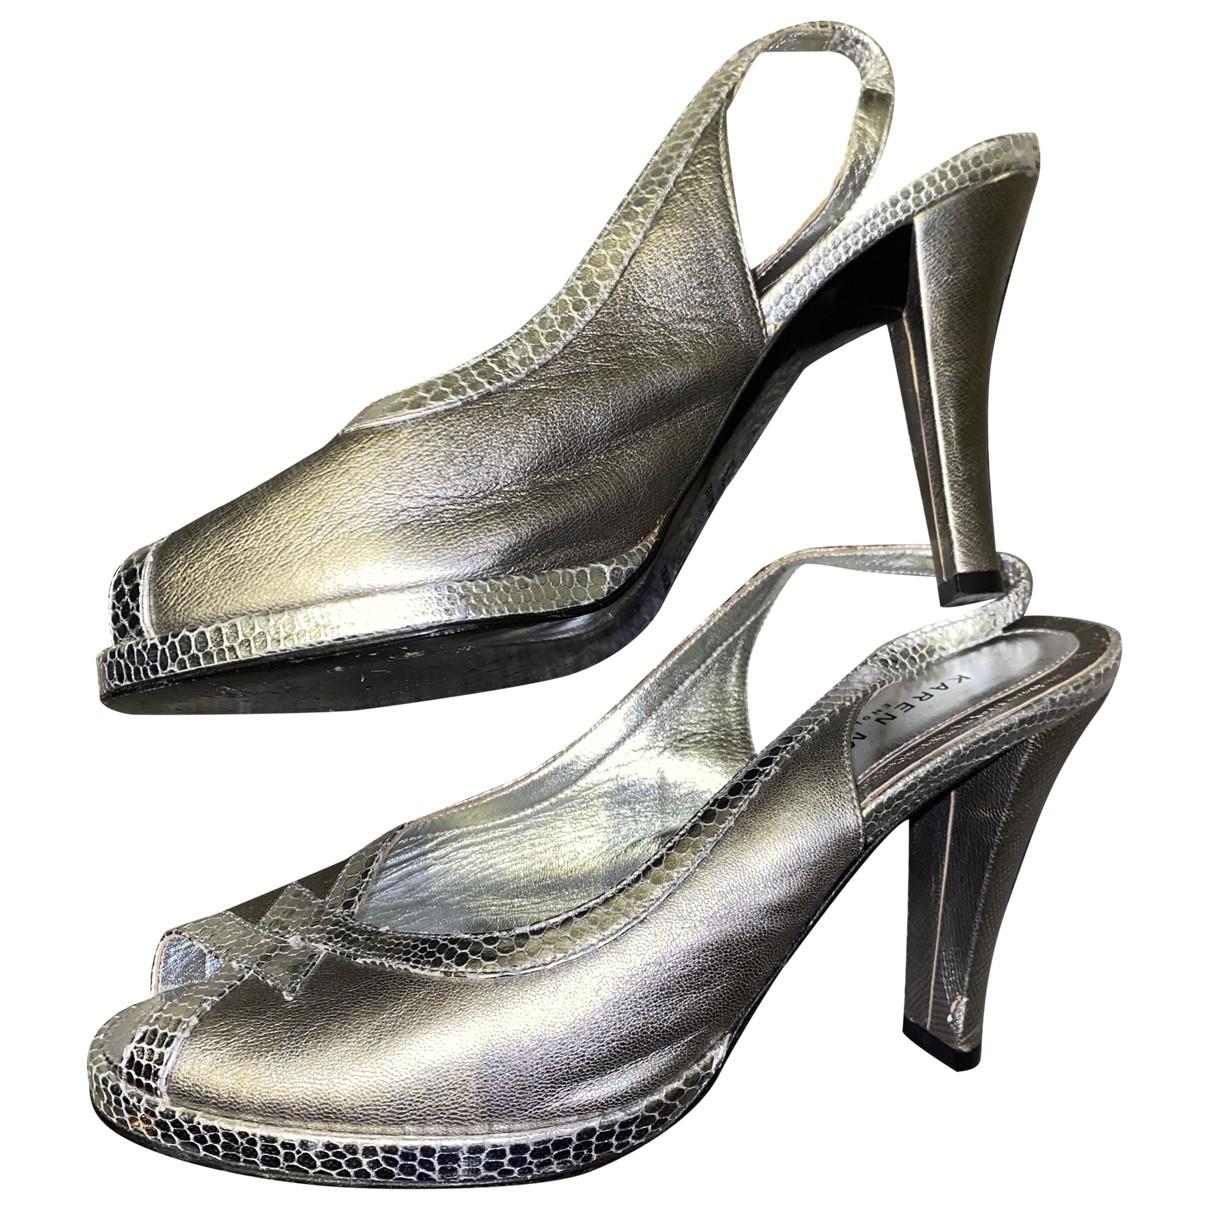 Karen Millen \N Silver Leather Heels for Women 37.5 EU